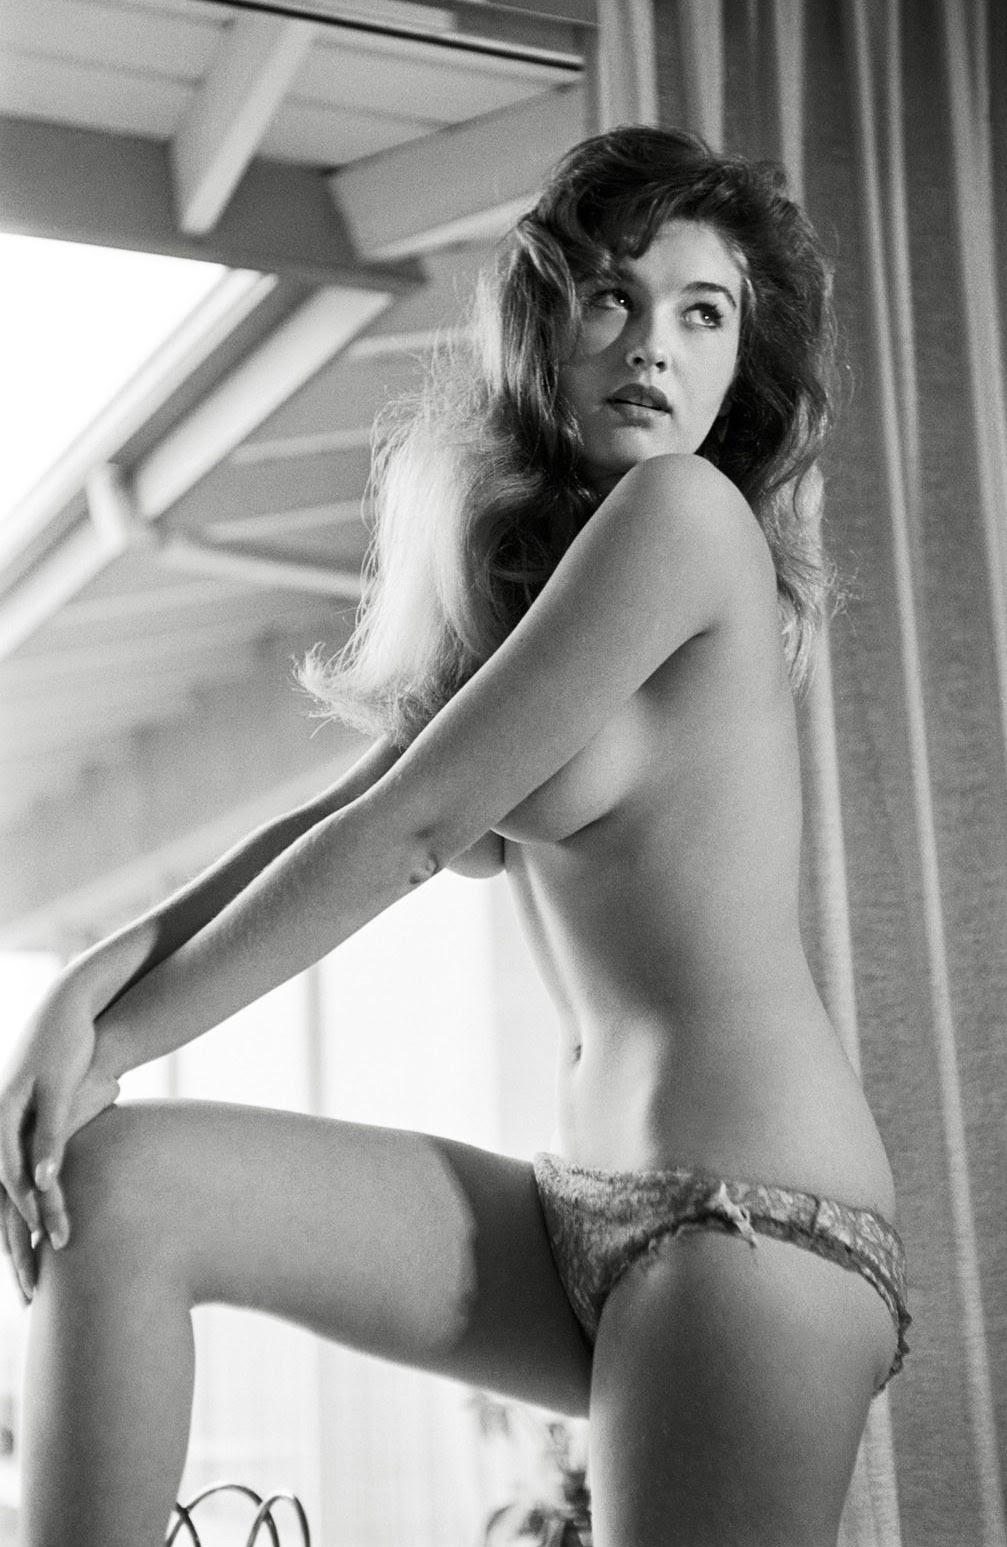 classicnudes:  Connie Cooper PMOM - January 1961 More Connie